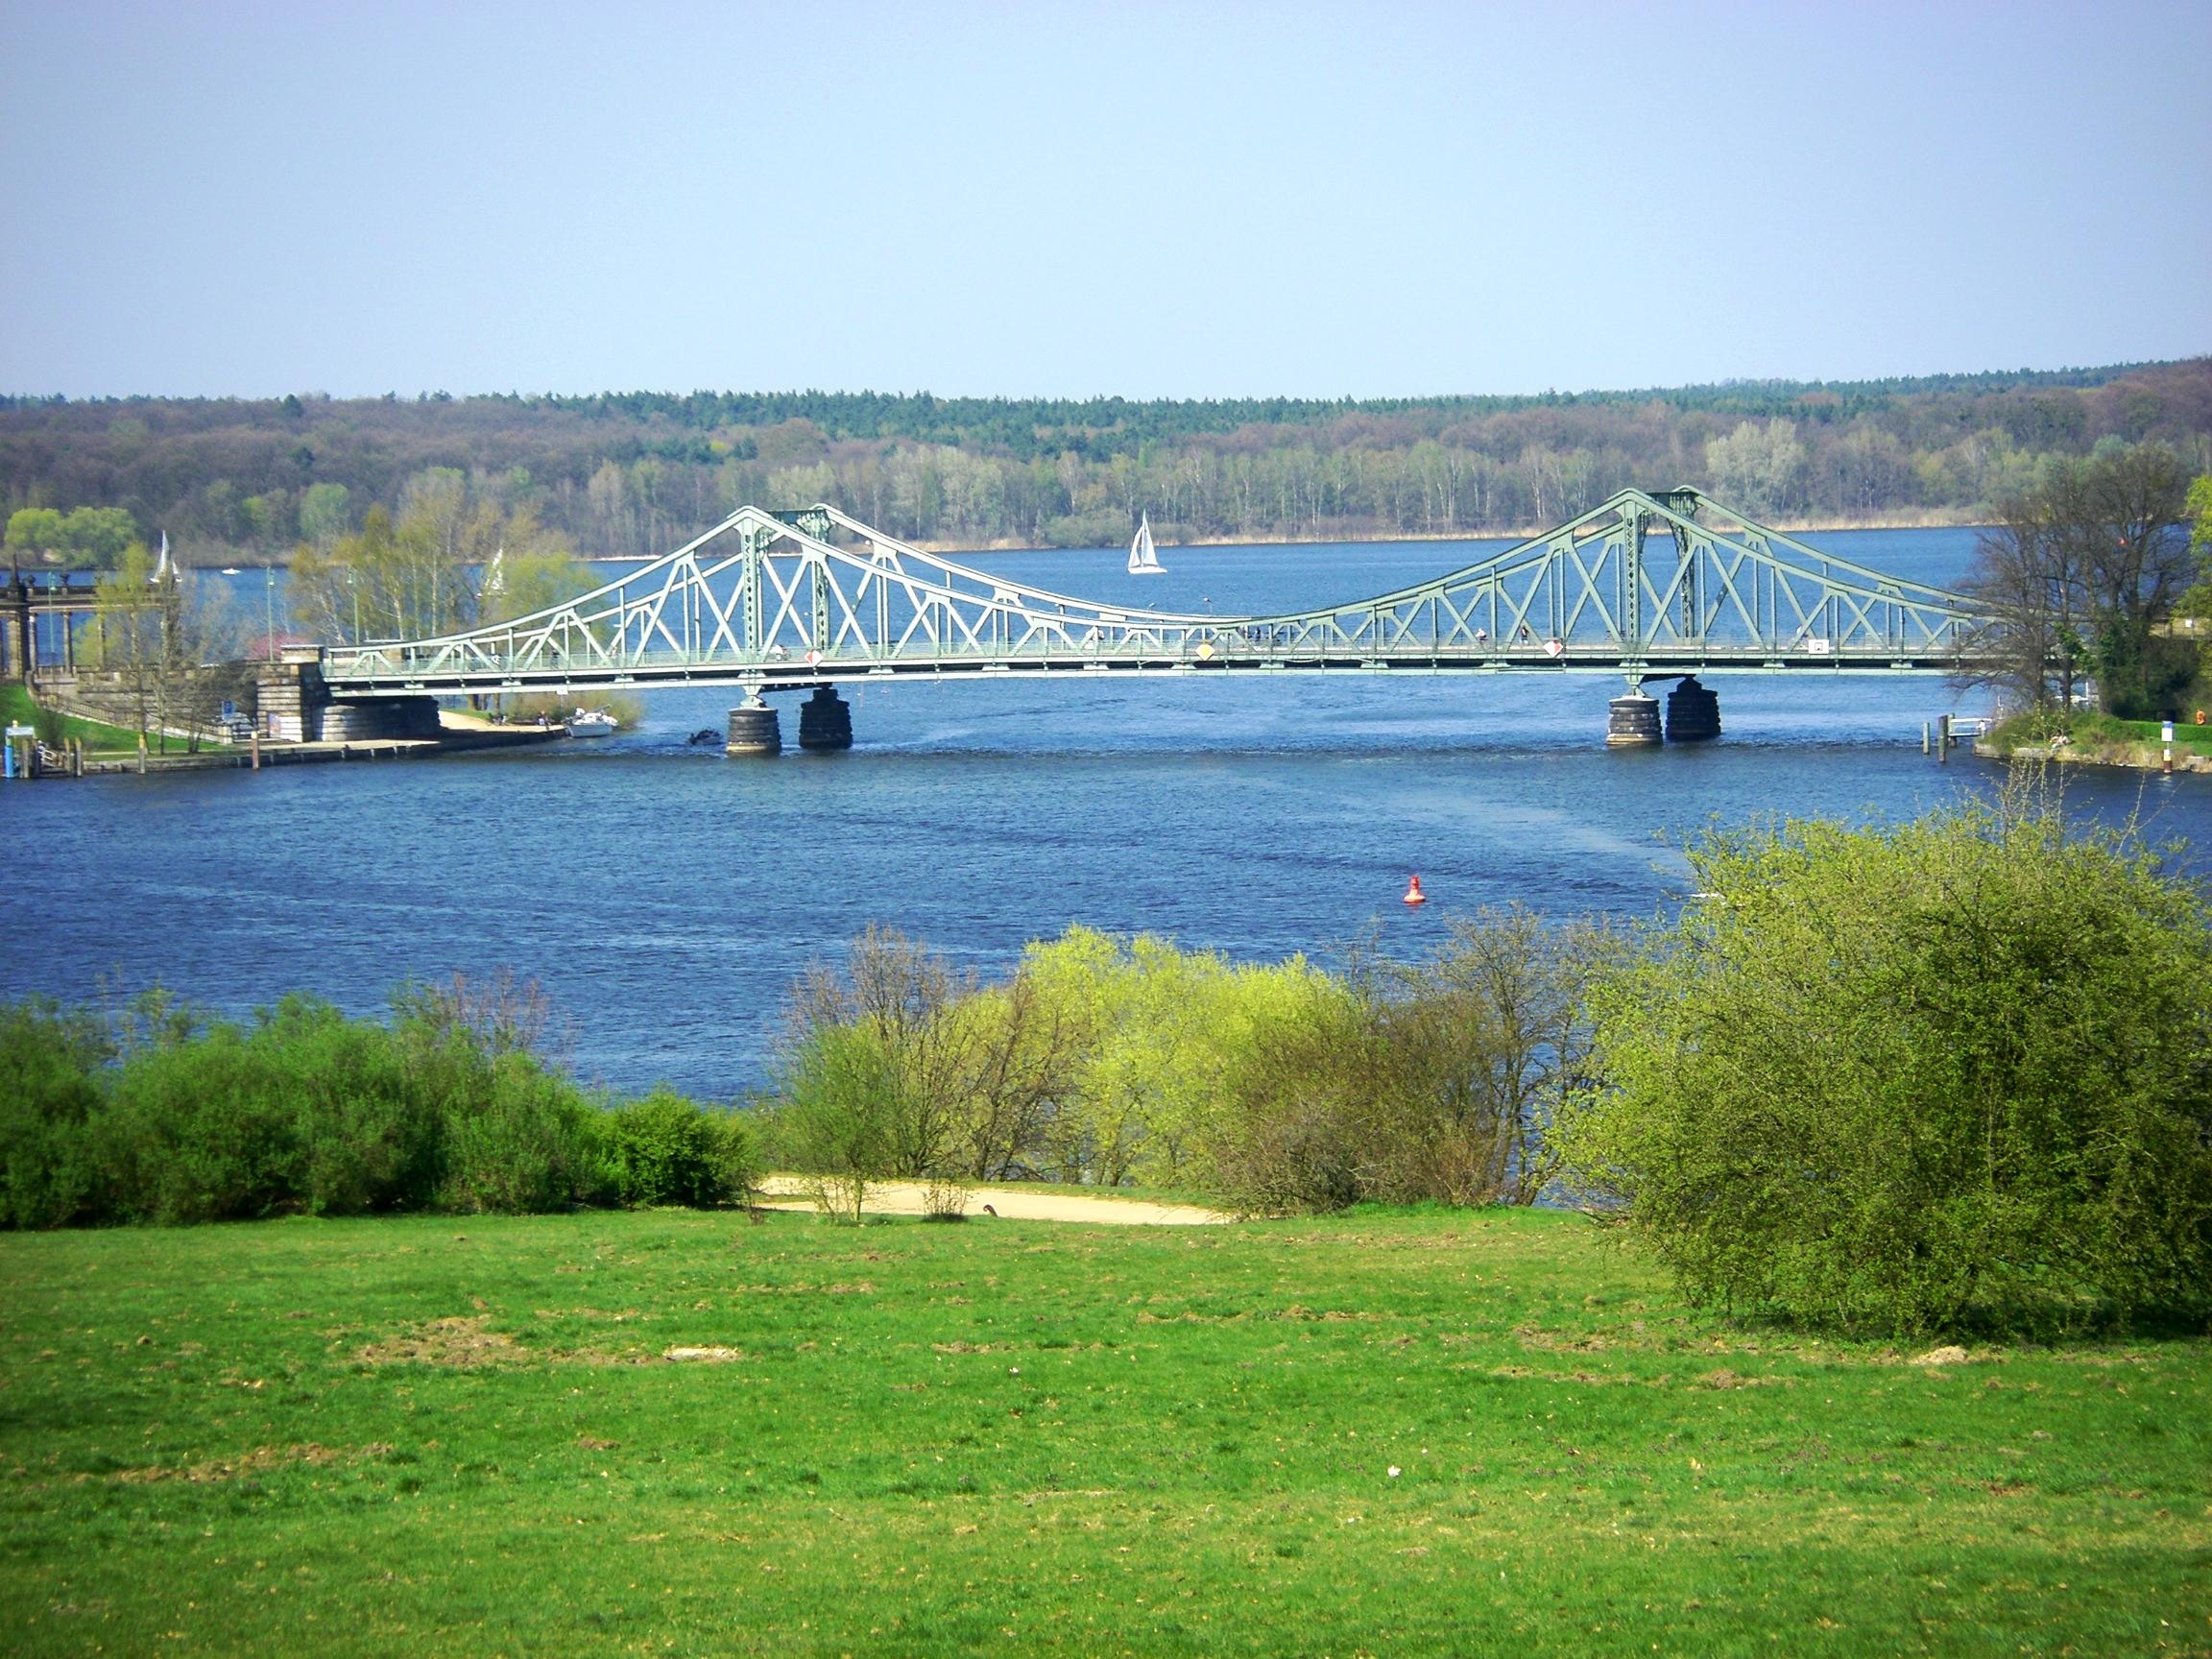 Die Glienicker Brücke, die Wannsee mit der brandenburgischen Landeshauptstadt Potsdam verbindet.